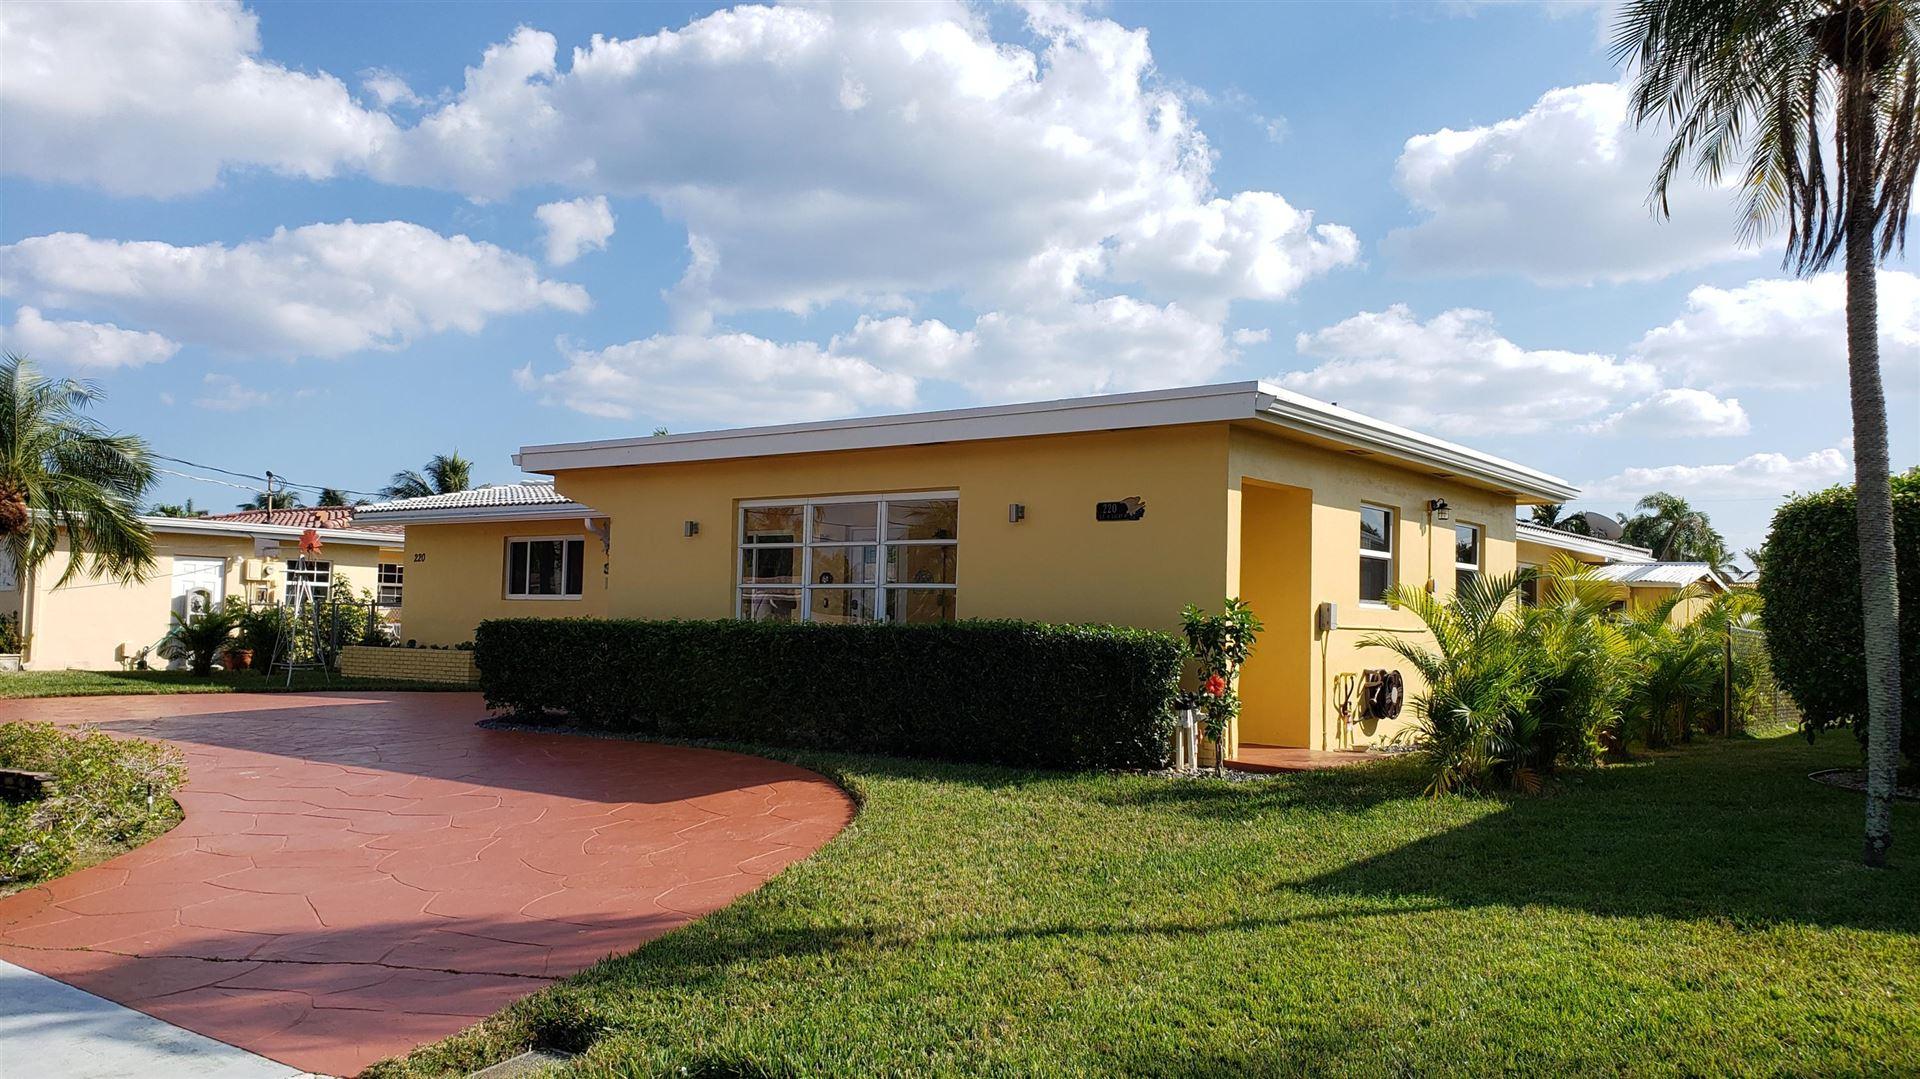 220 SE 9th Court, Pompano Beach, FL 33060 - #: RX-10693932